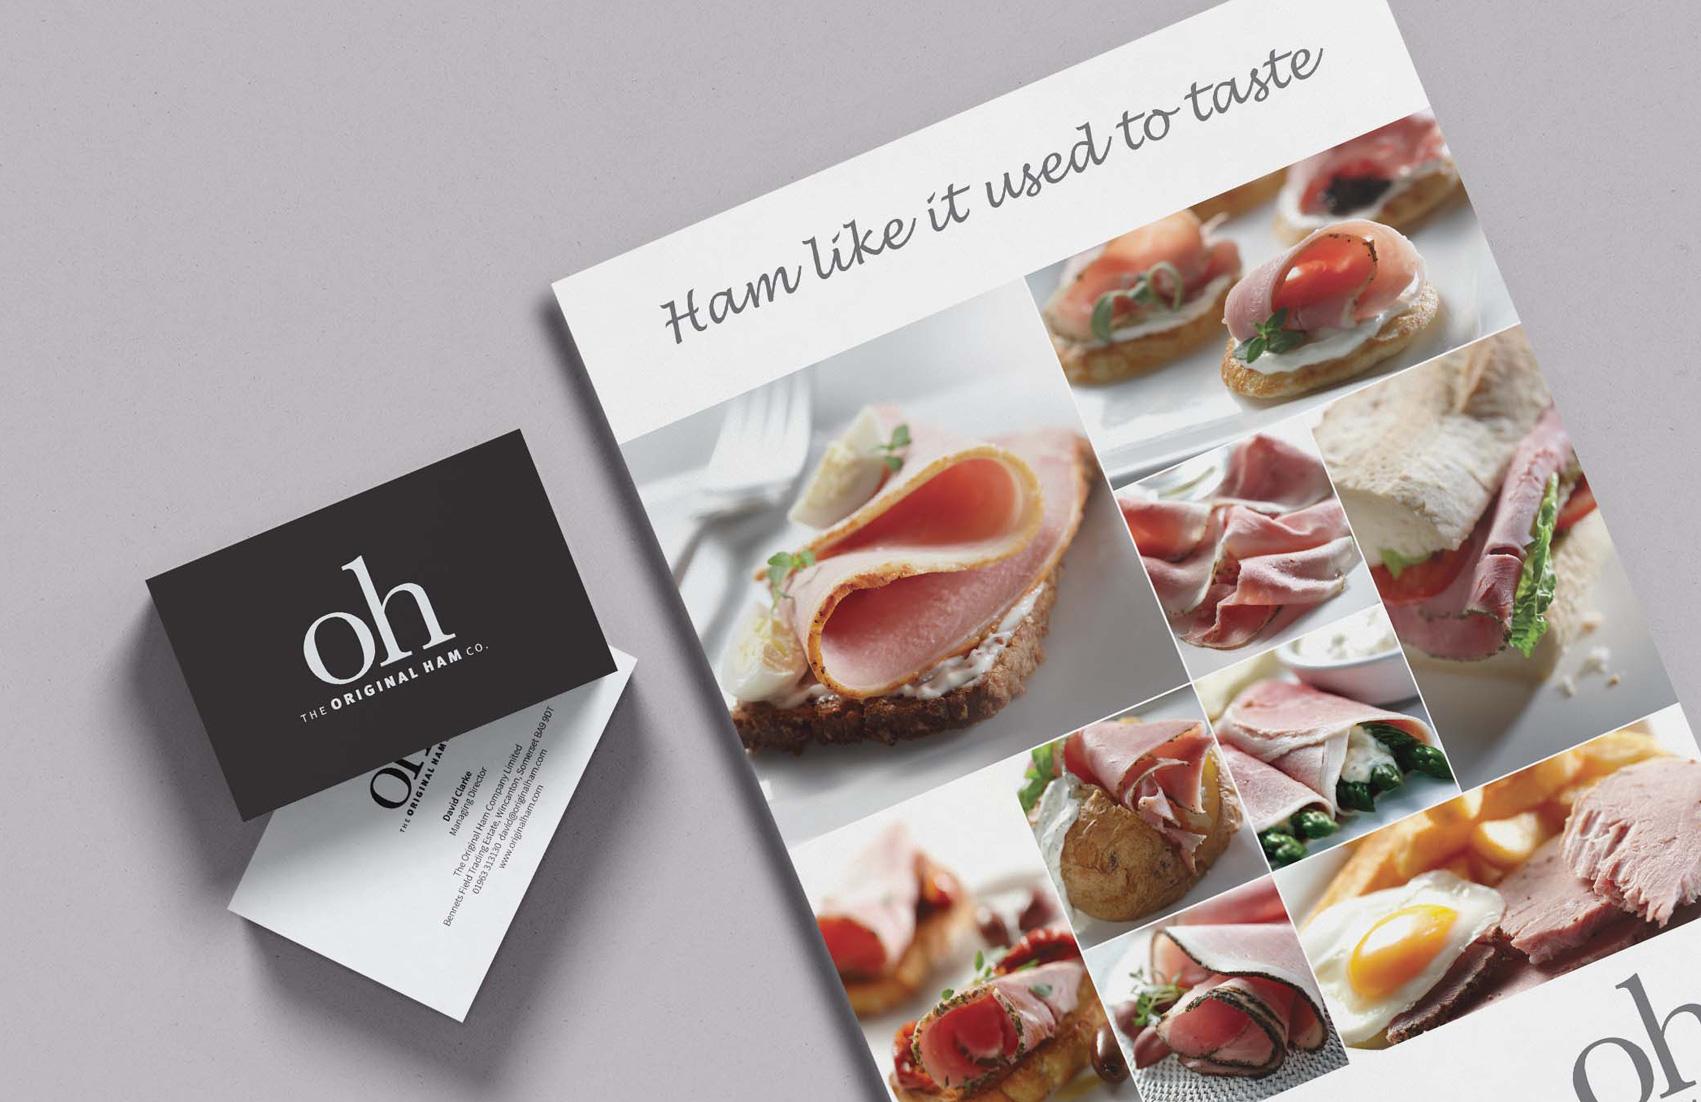 Original Ham poster